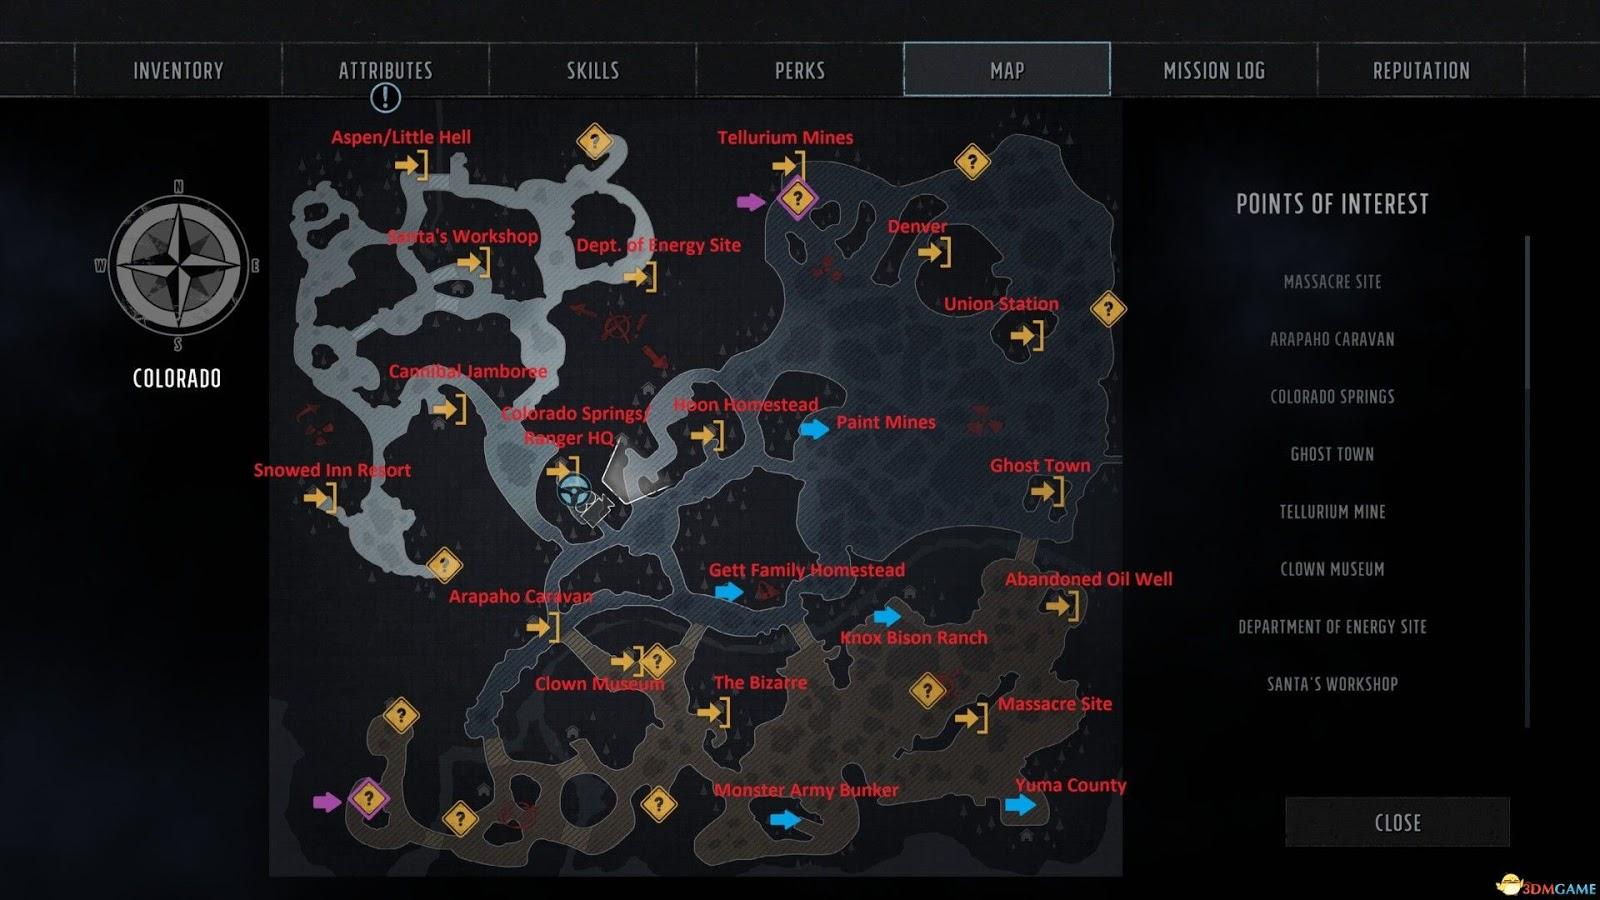 荒野遊俠 3 (Wasteland 3) 全地點英文高清地圖 | 娛樂計程車